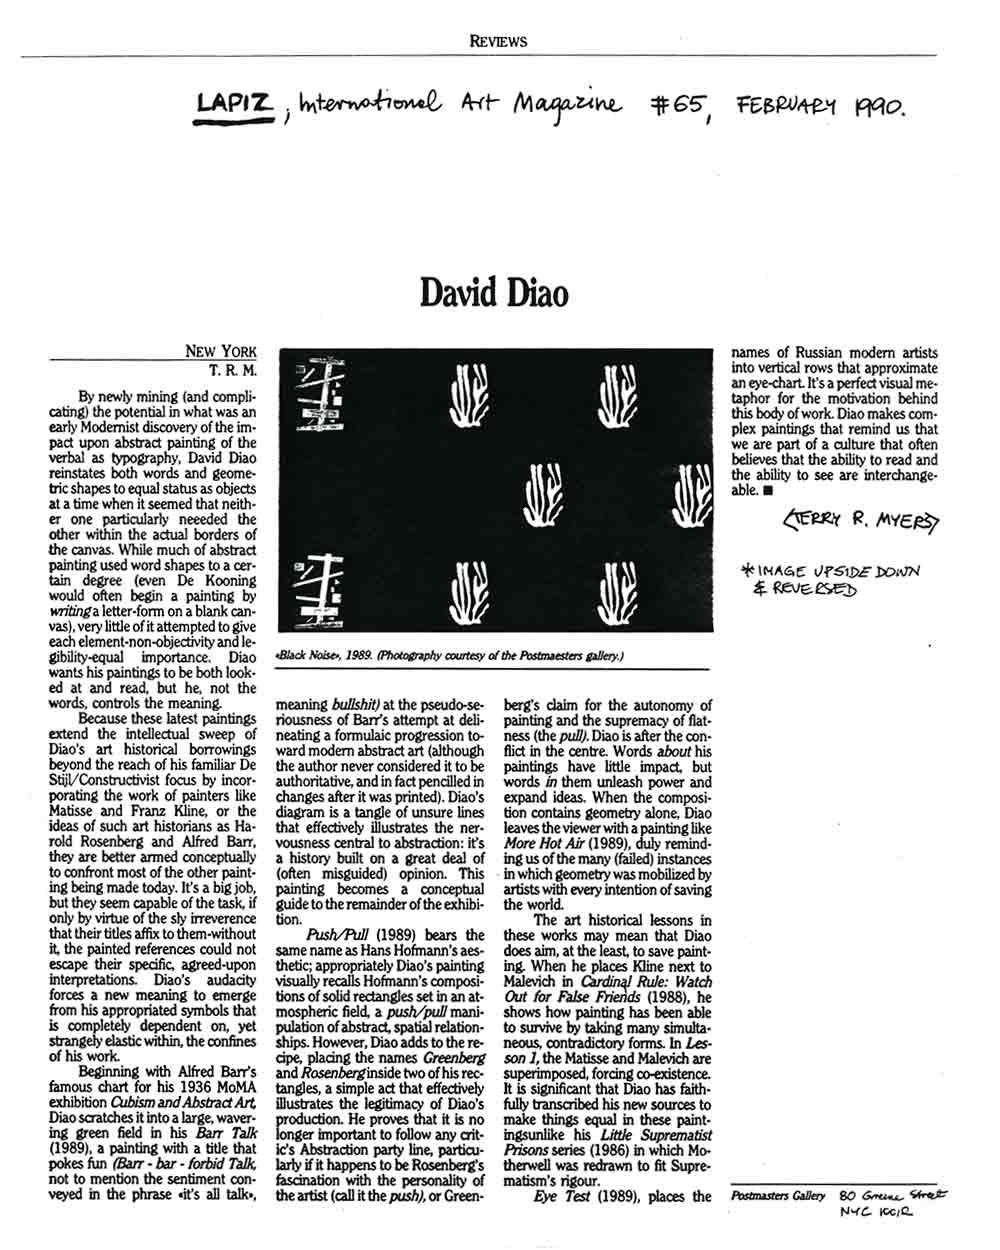 David Diao, review